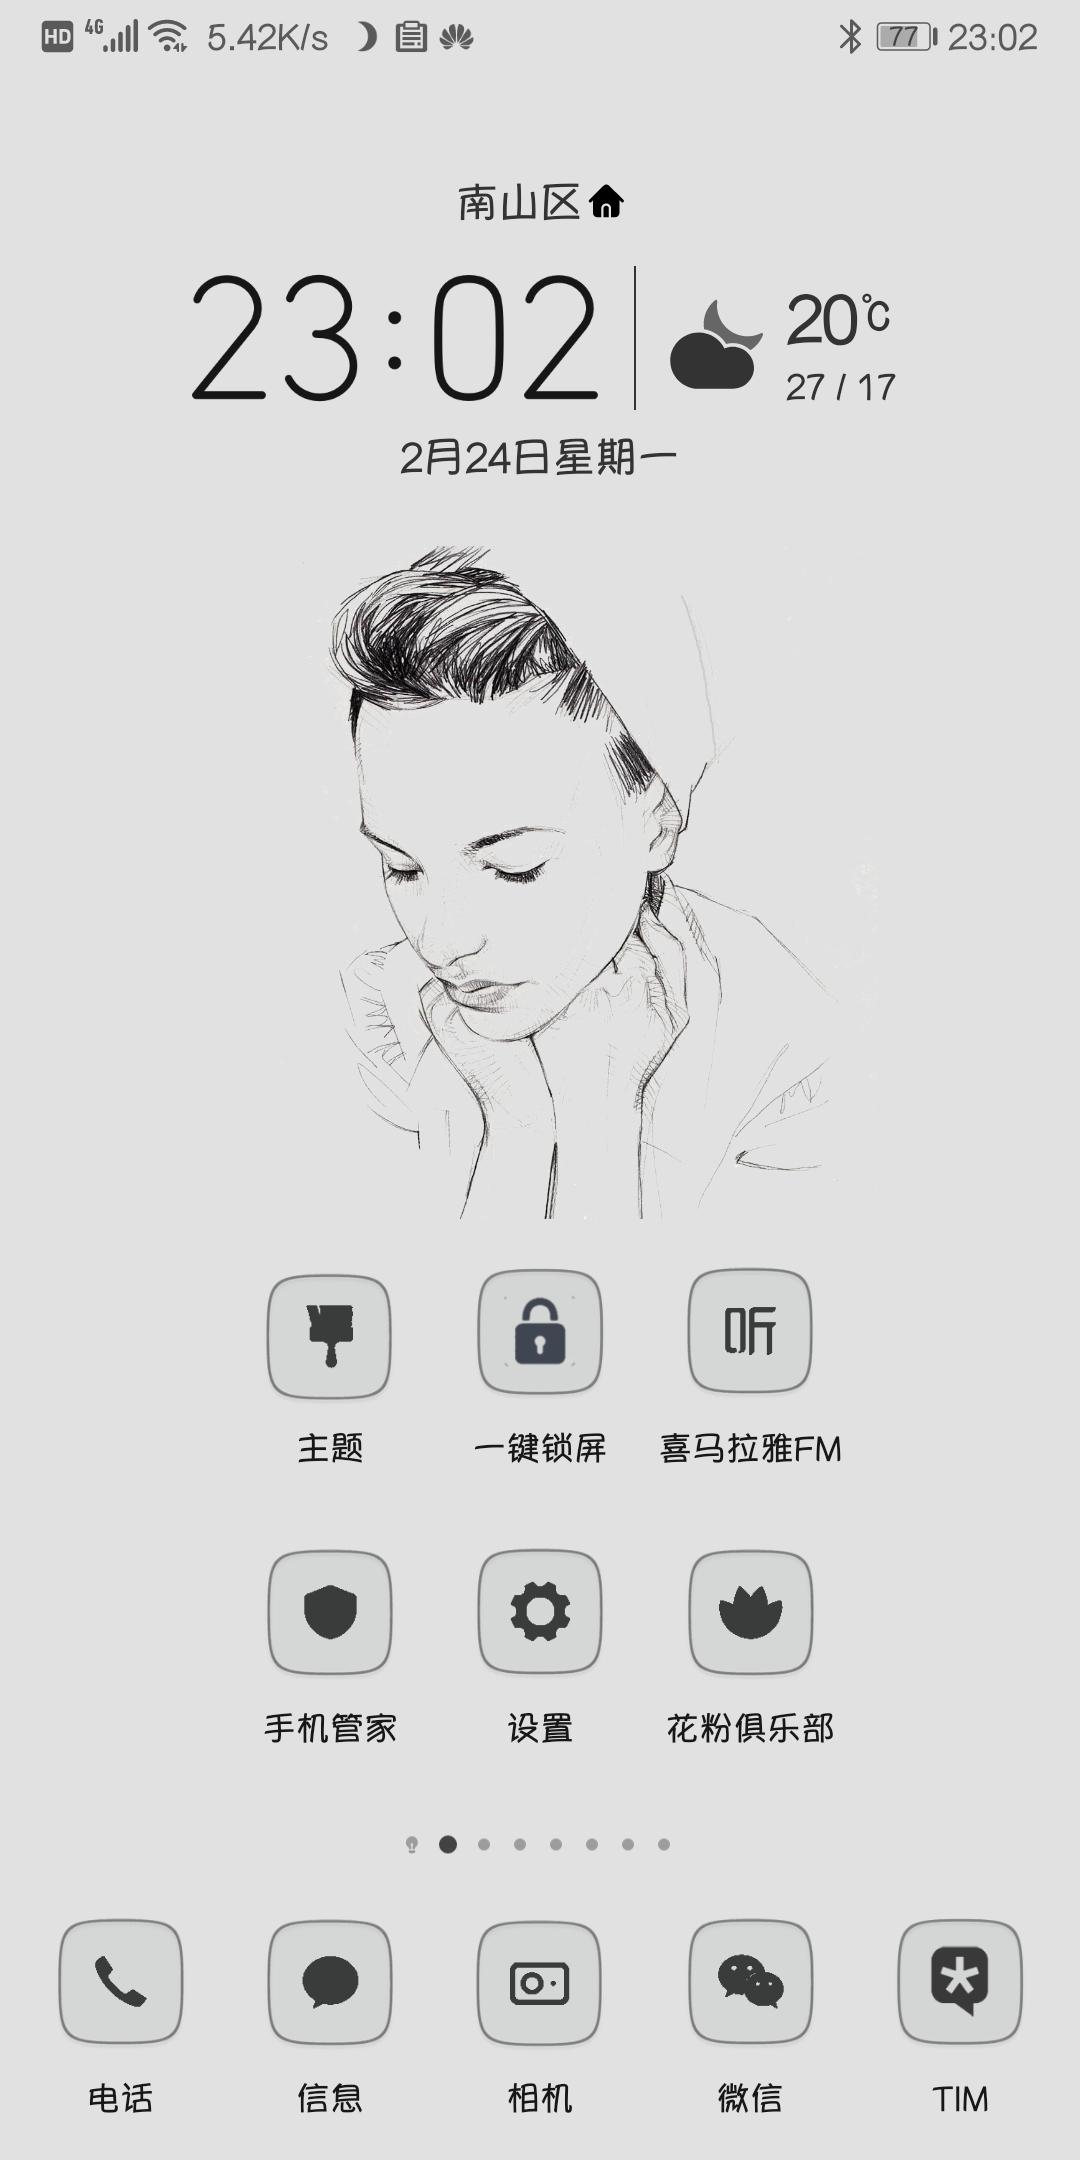 Screenshot_20200224_230211_com.huawei.android.launcher.jpg